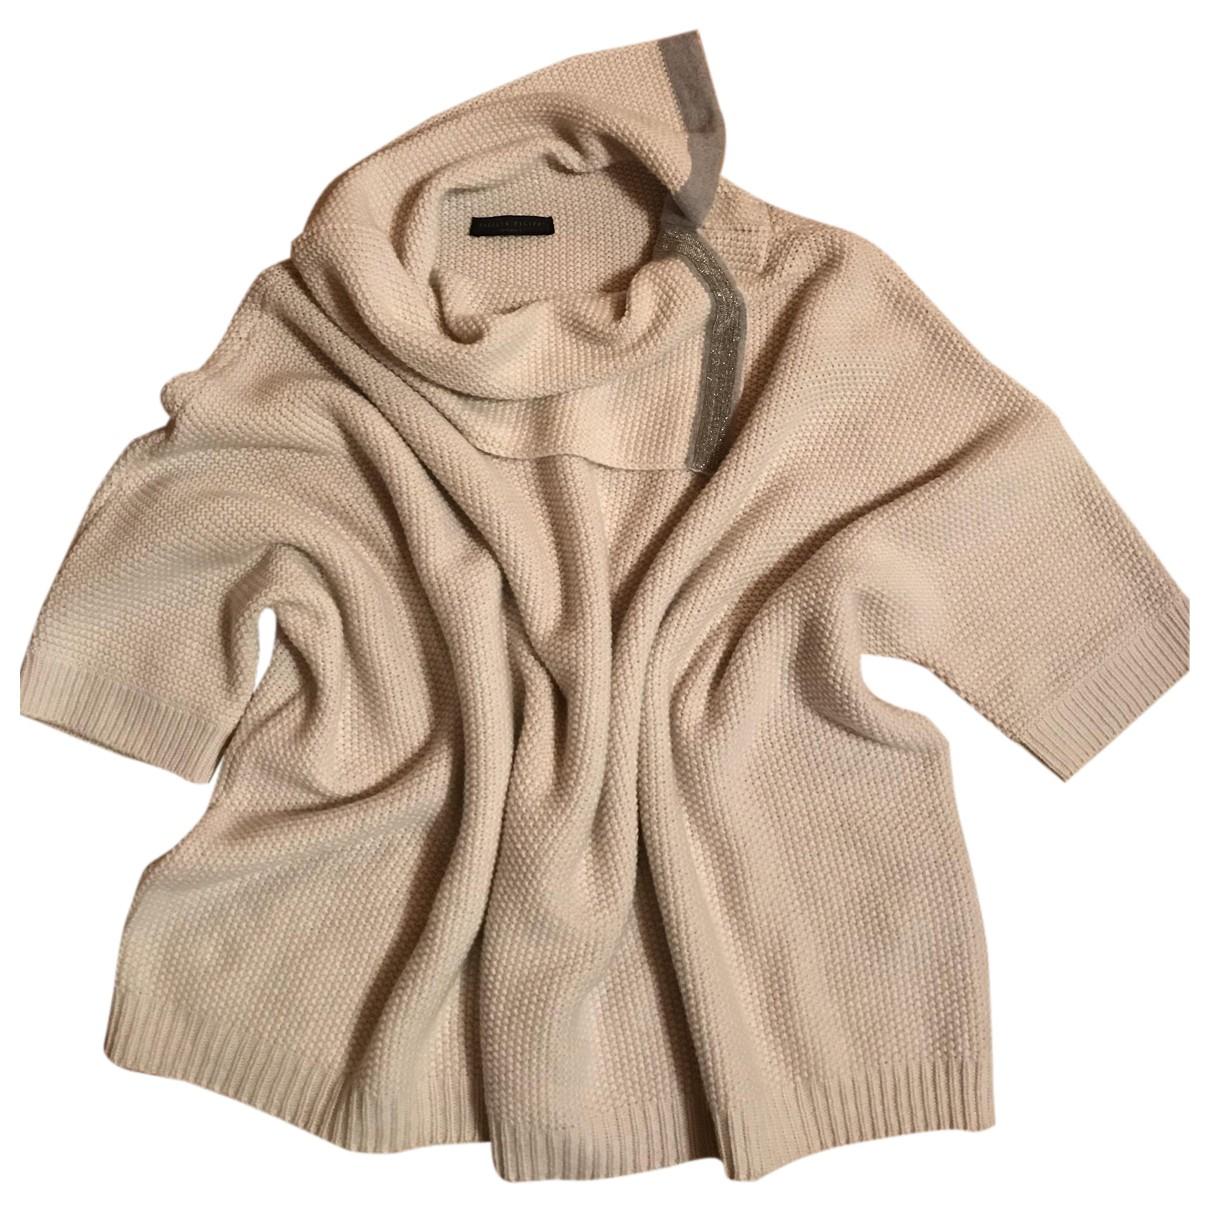 Fabiana Filippi N Ecru Wool Knitwear for Women 44 IT